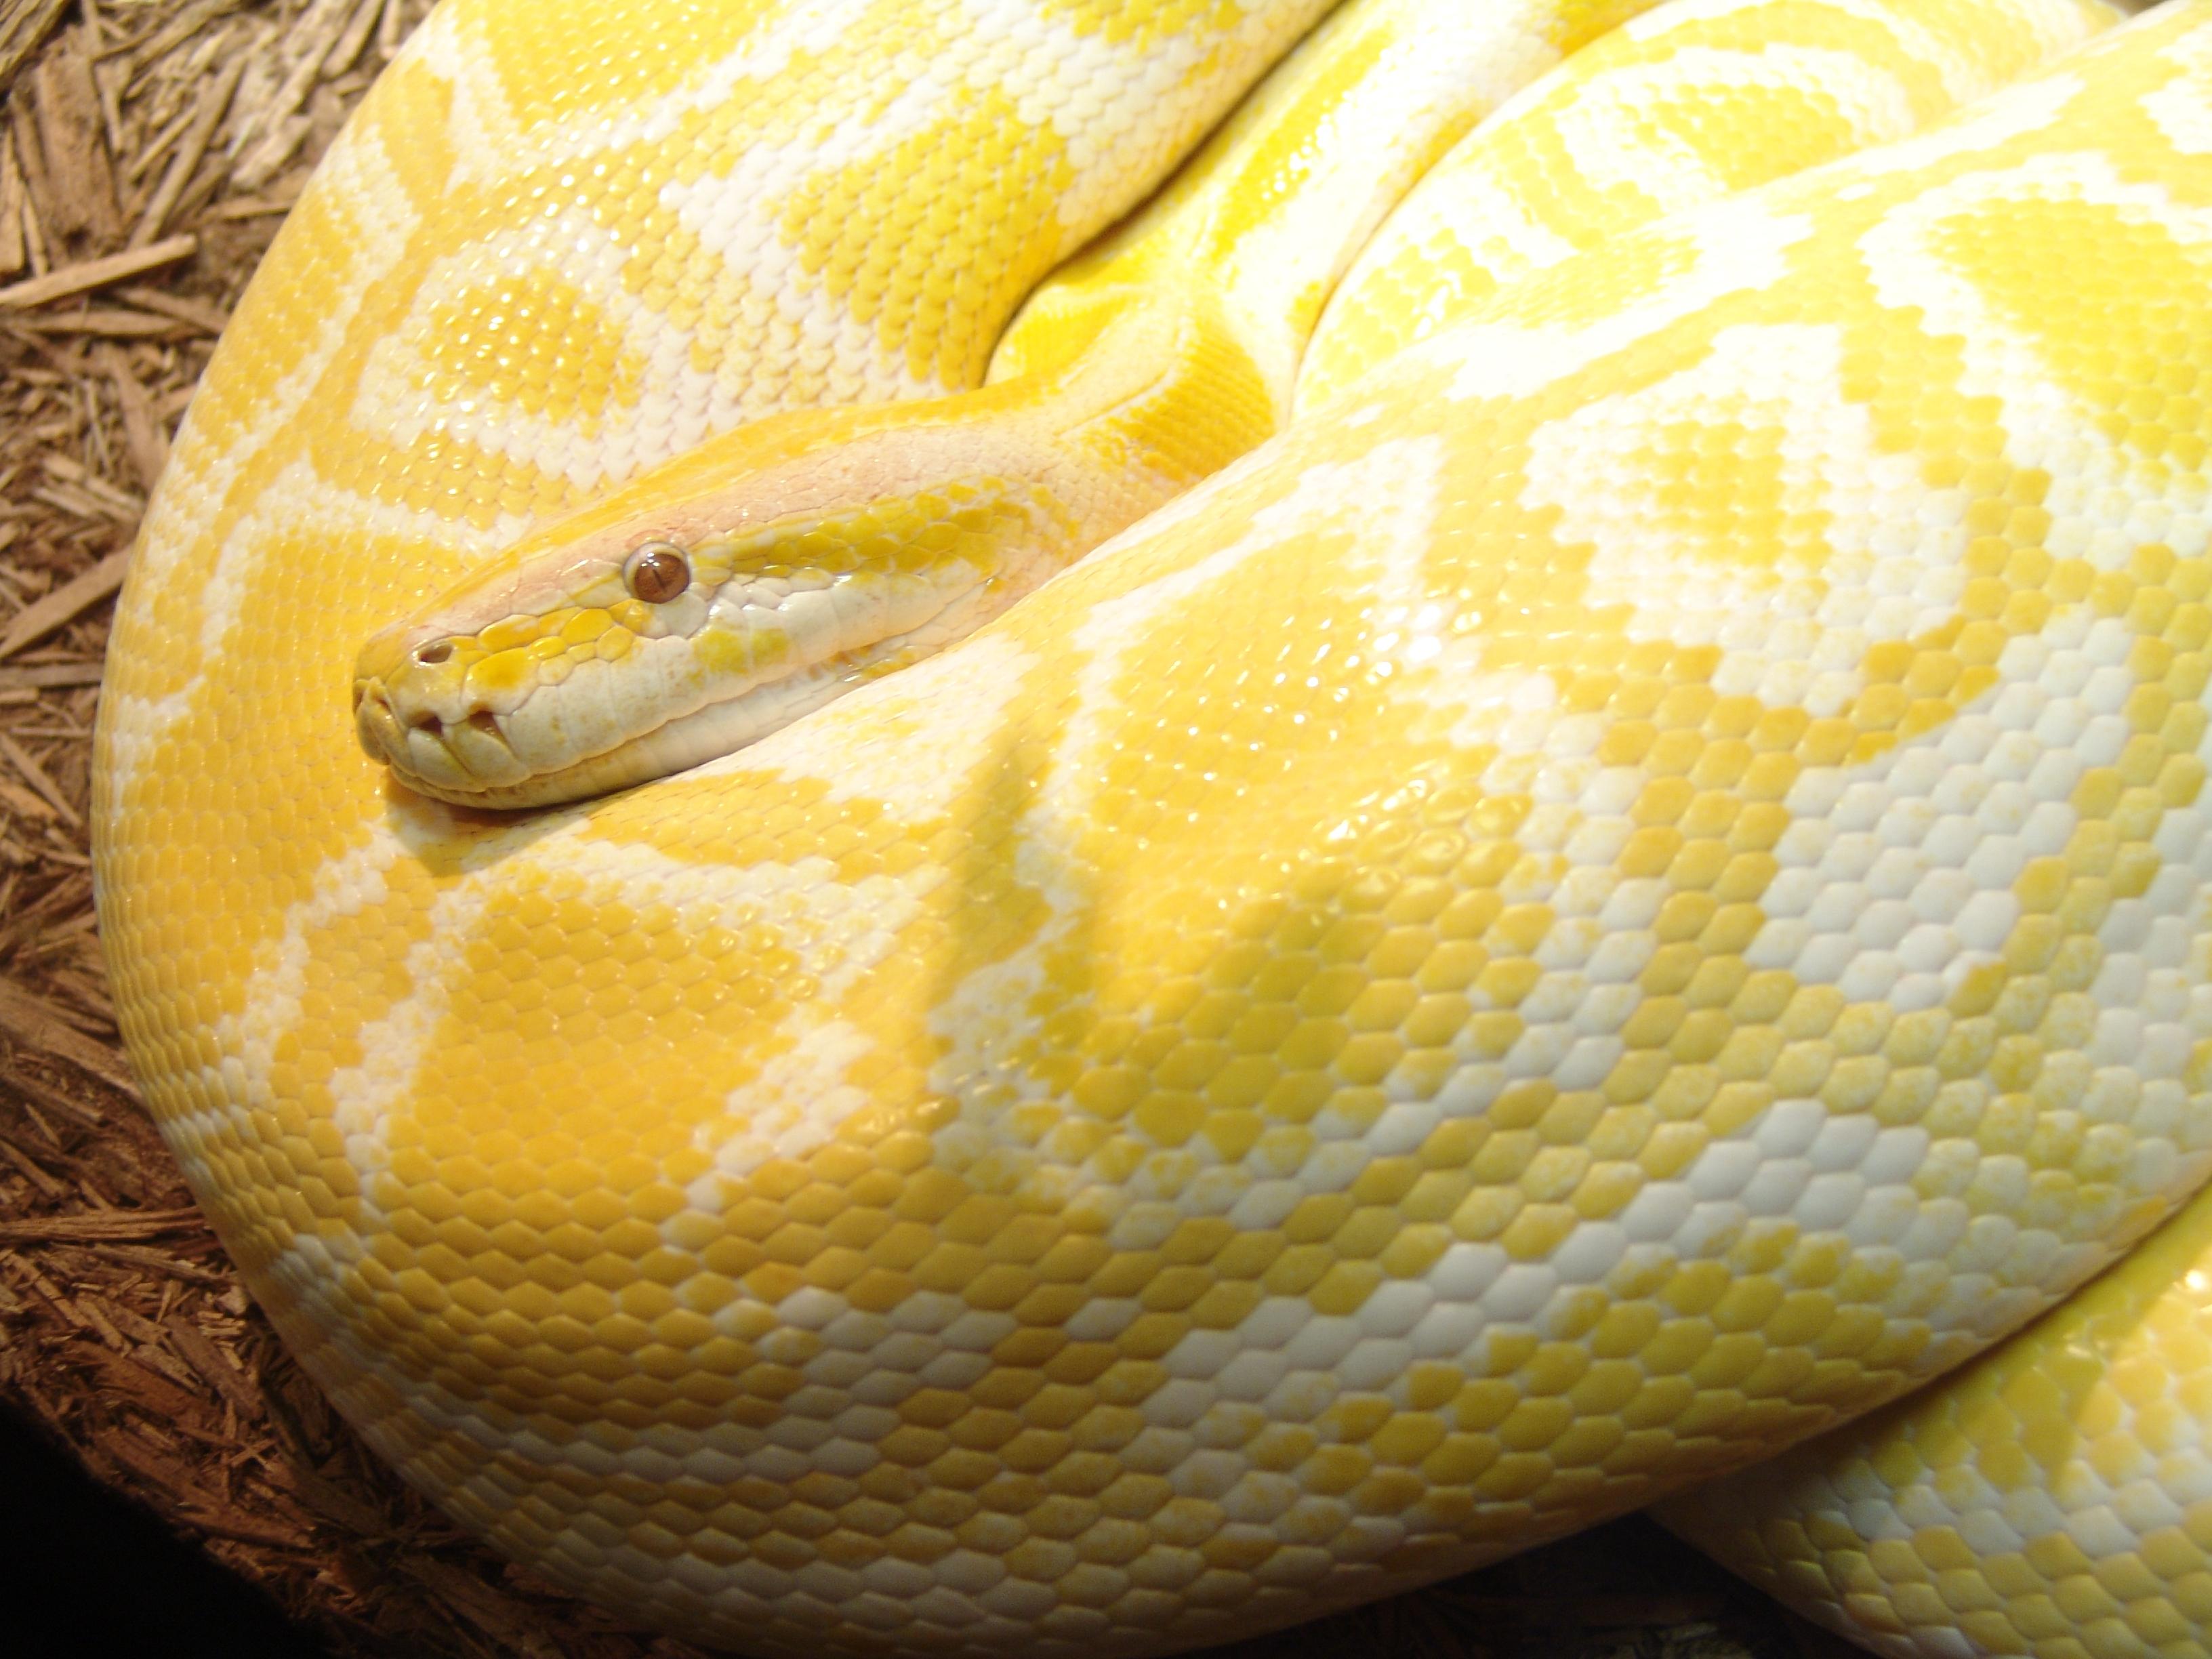 Burmese python - Burmese Python: WhoZoo